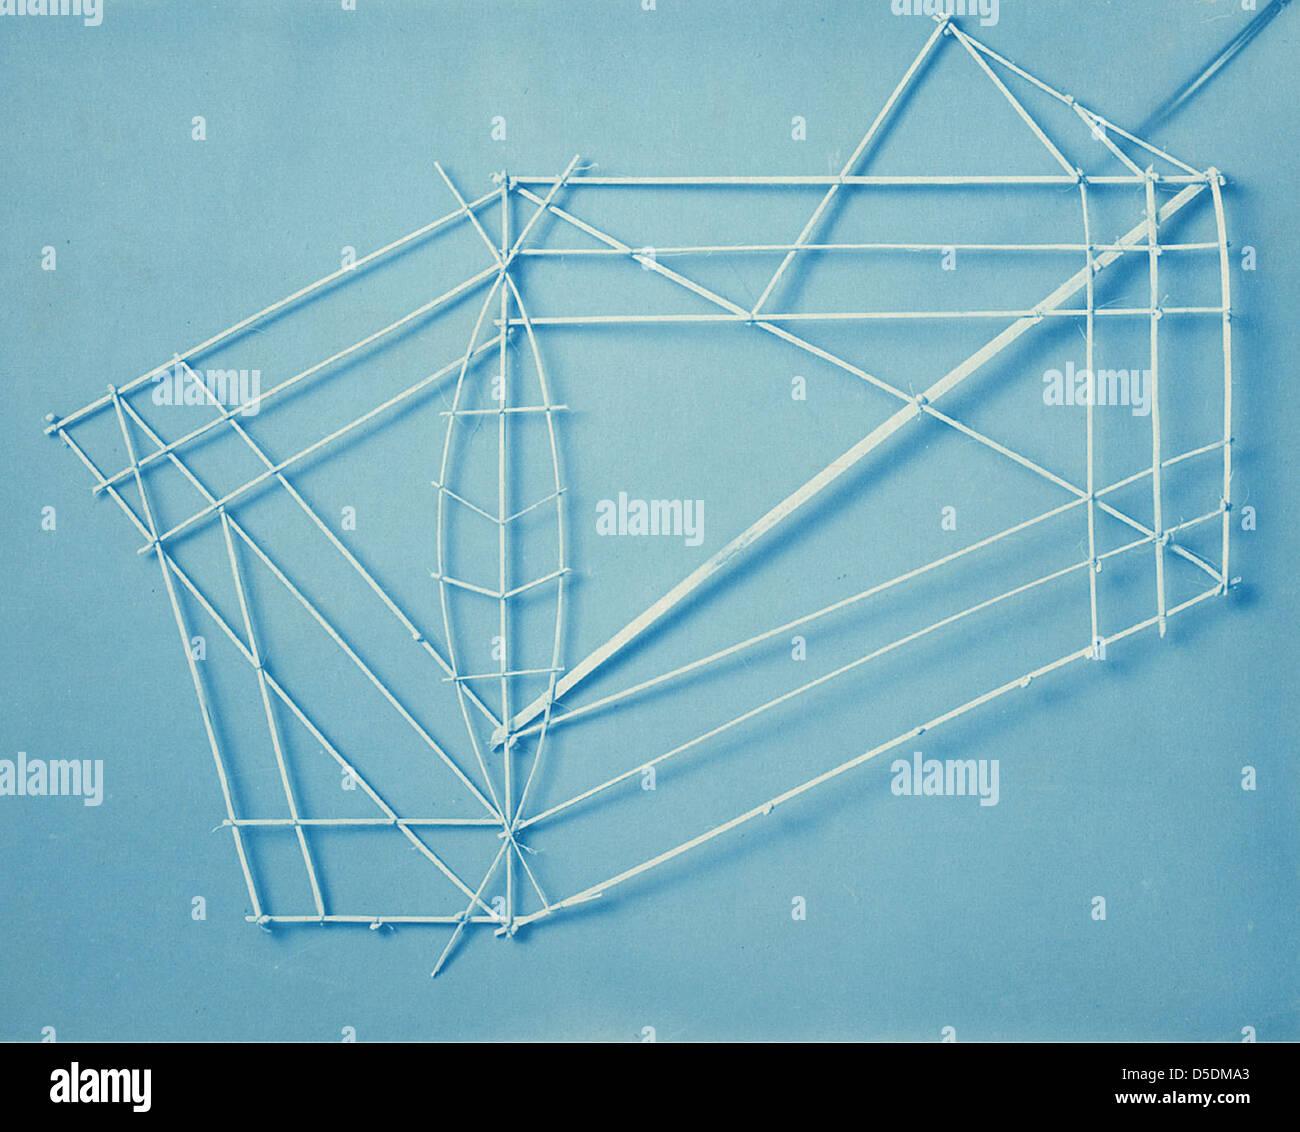 Chinese Kite Frame - Stock Image